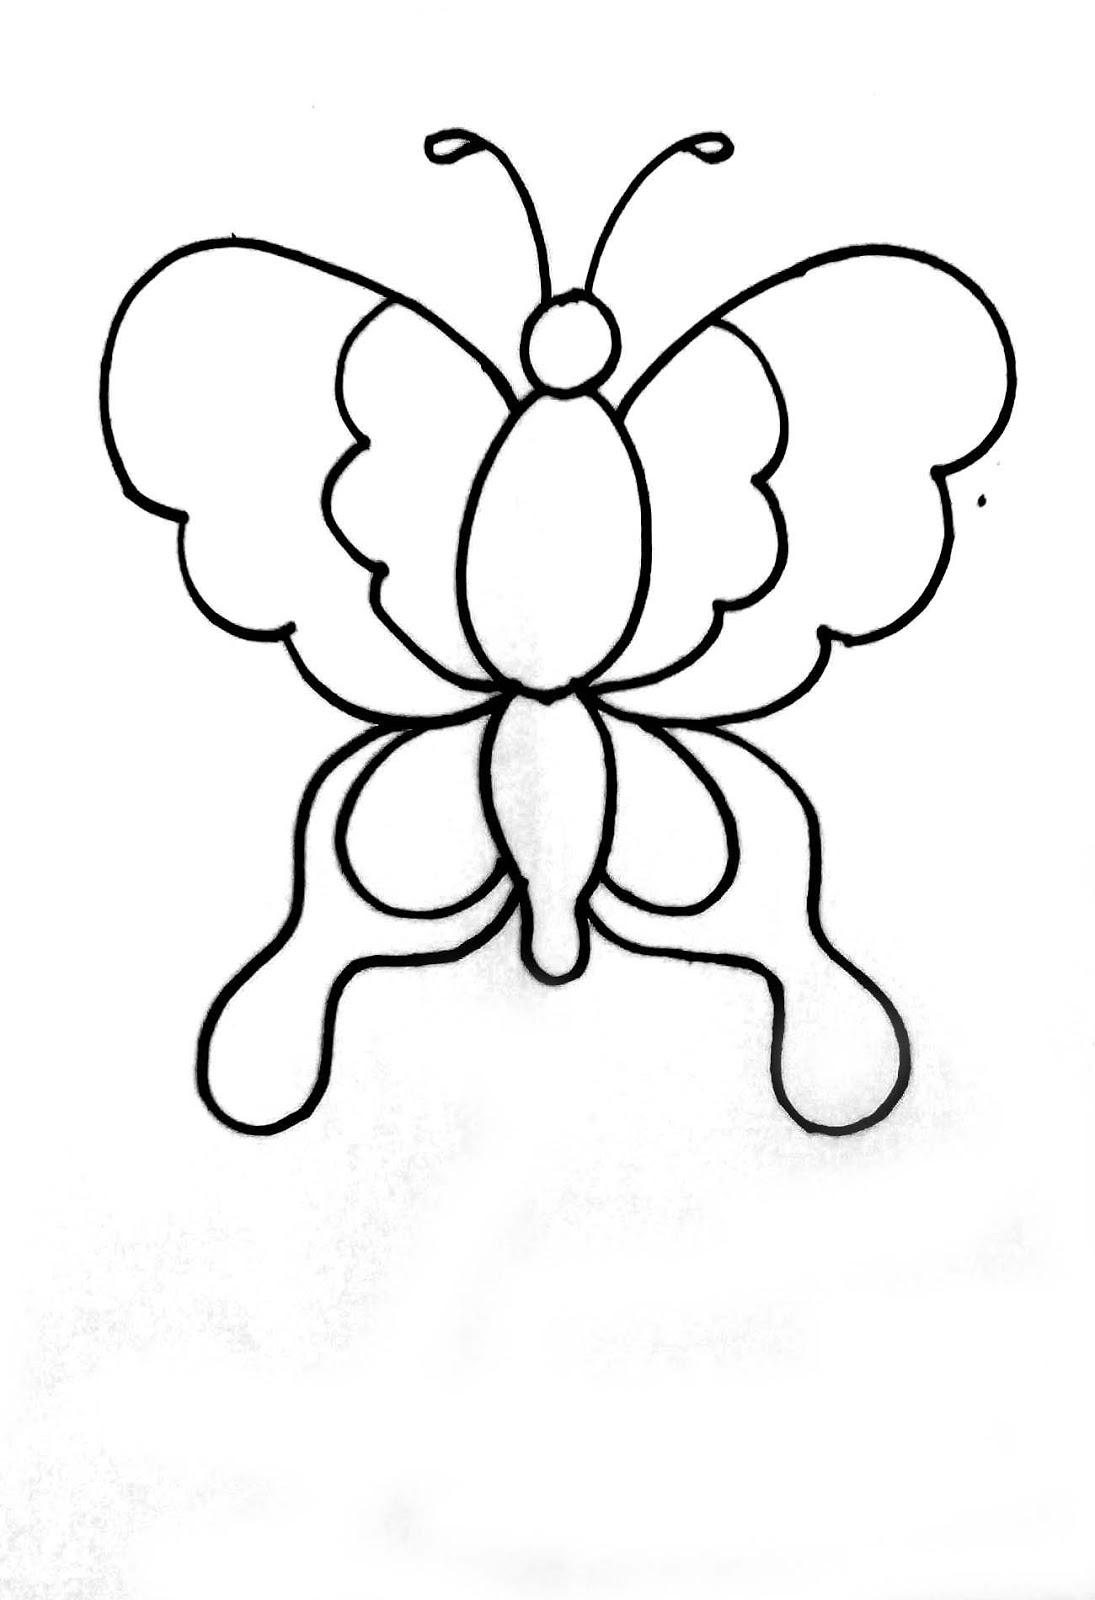 Pada latihan kali ini kita akan mewarnai kupu kupu menggunakan krayon untuk mendapatkan gambarnya Anda bisa menggambarnya sendiri atau menyimpan gambar di